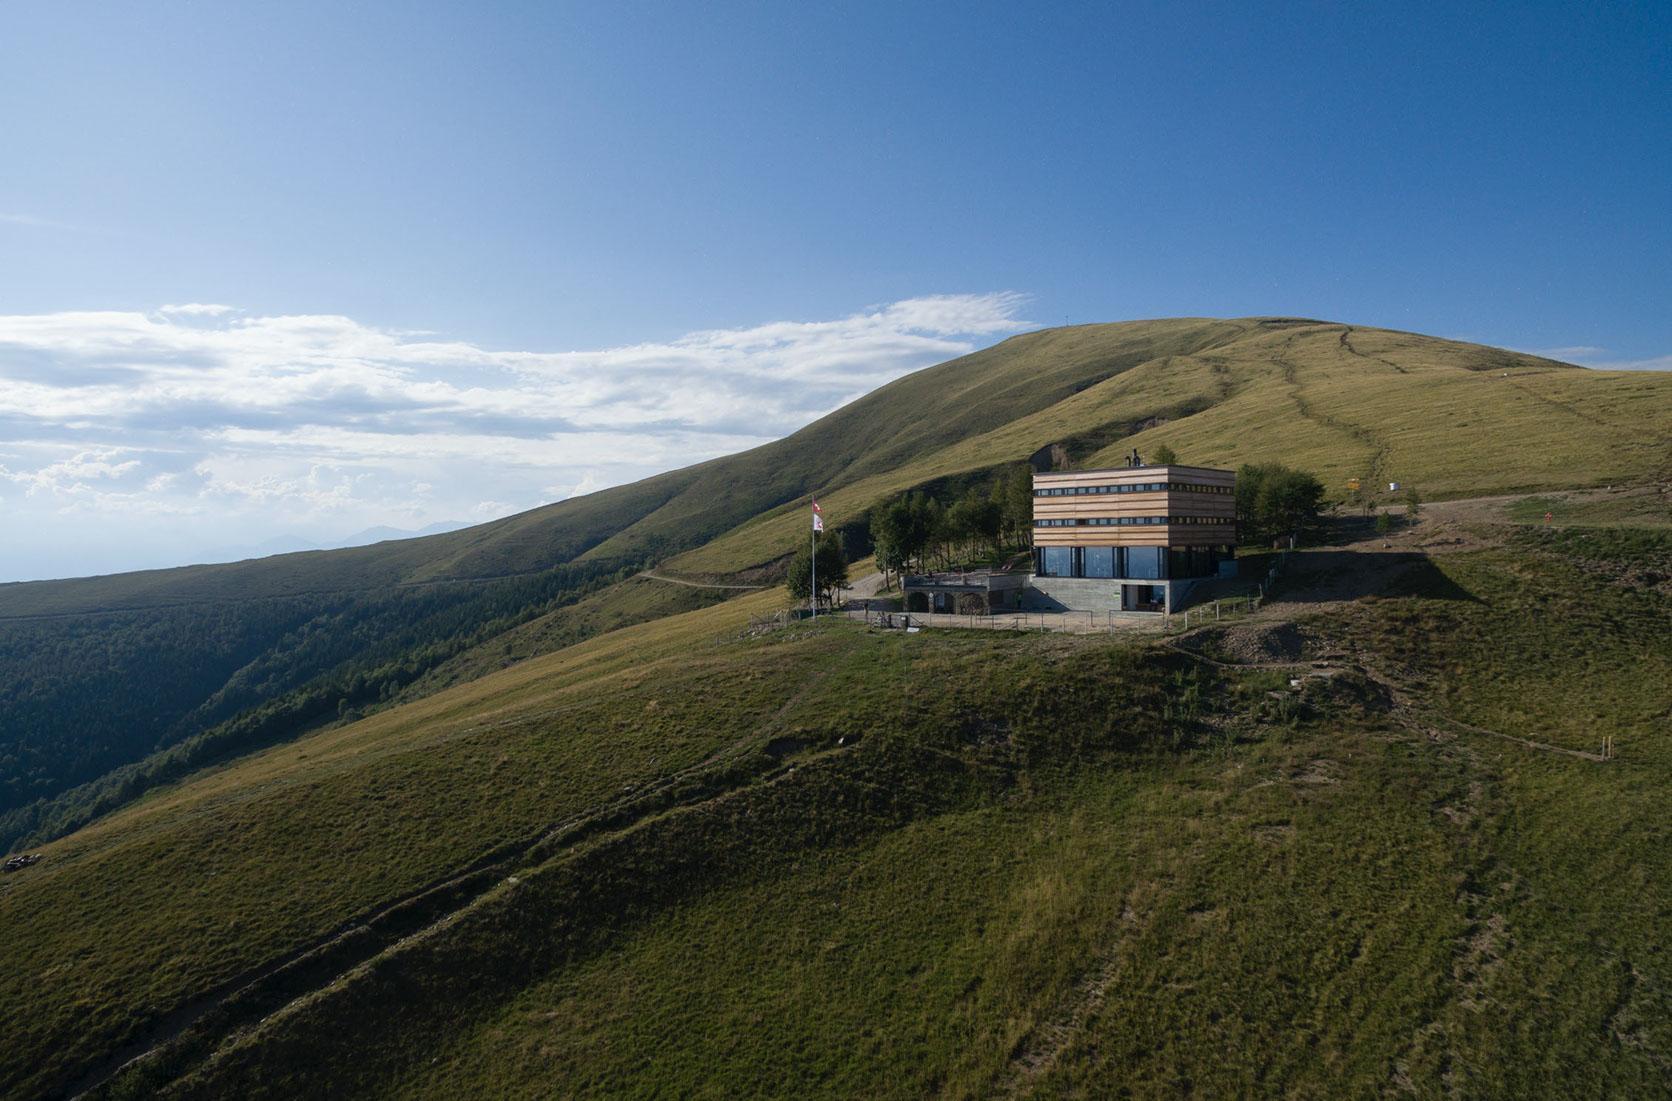 Nuova capanna Monte Bar, Lugaggia-Capriasca, Atelier P+R - Oliviero Piffaretti e Carlo Romano architetti, BARLUME